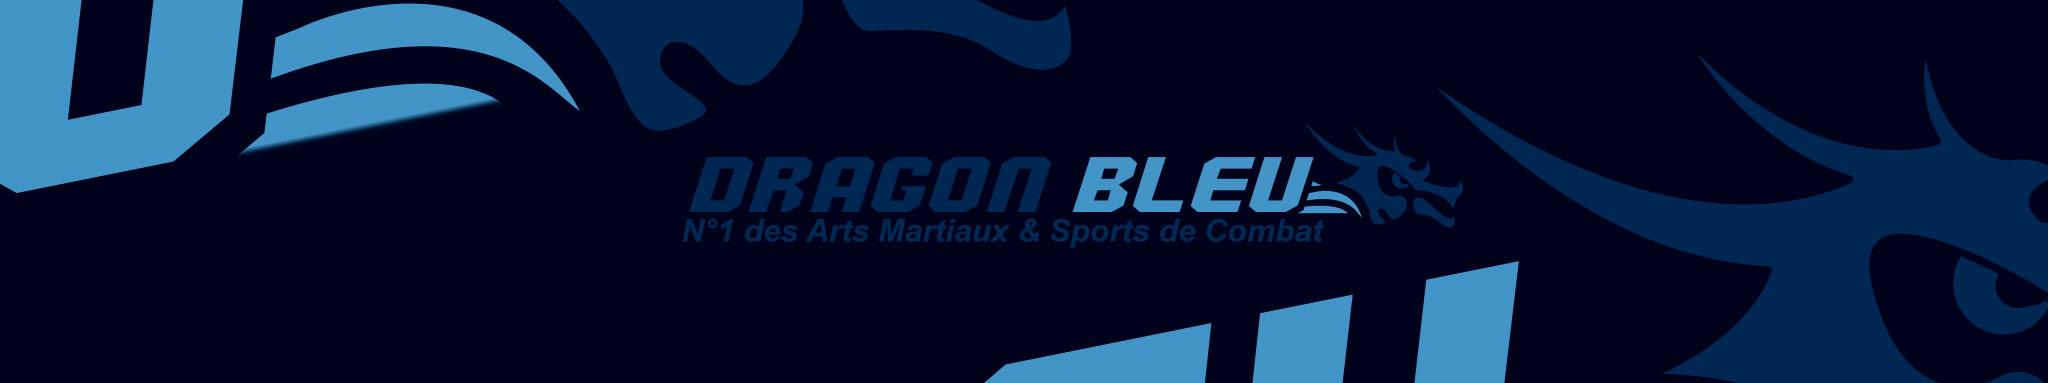 Dragon Bleu : vêtements, équipements & accessoires de la marque | Dragon Bleu